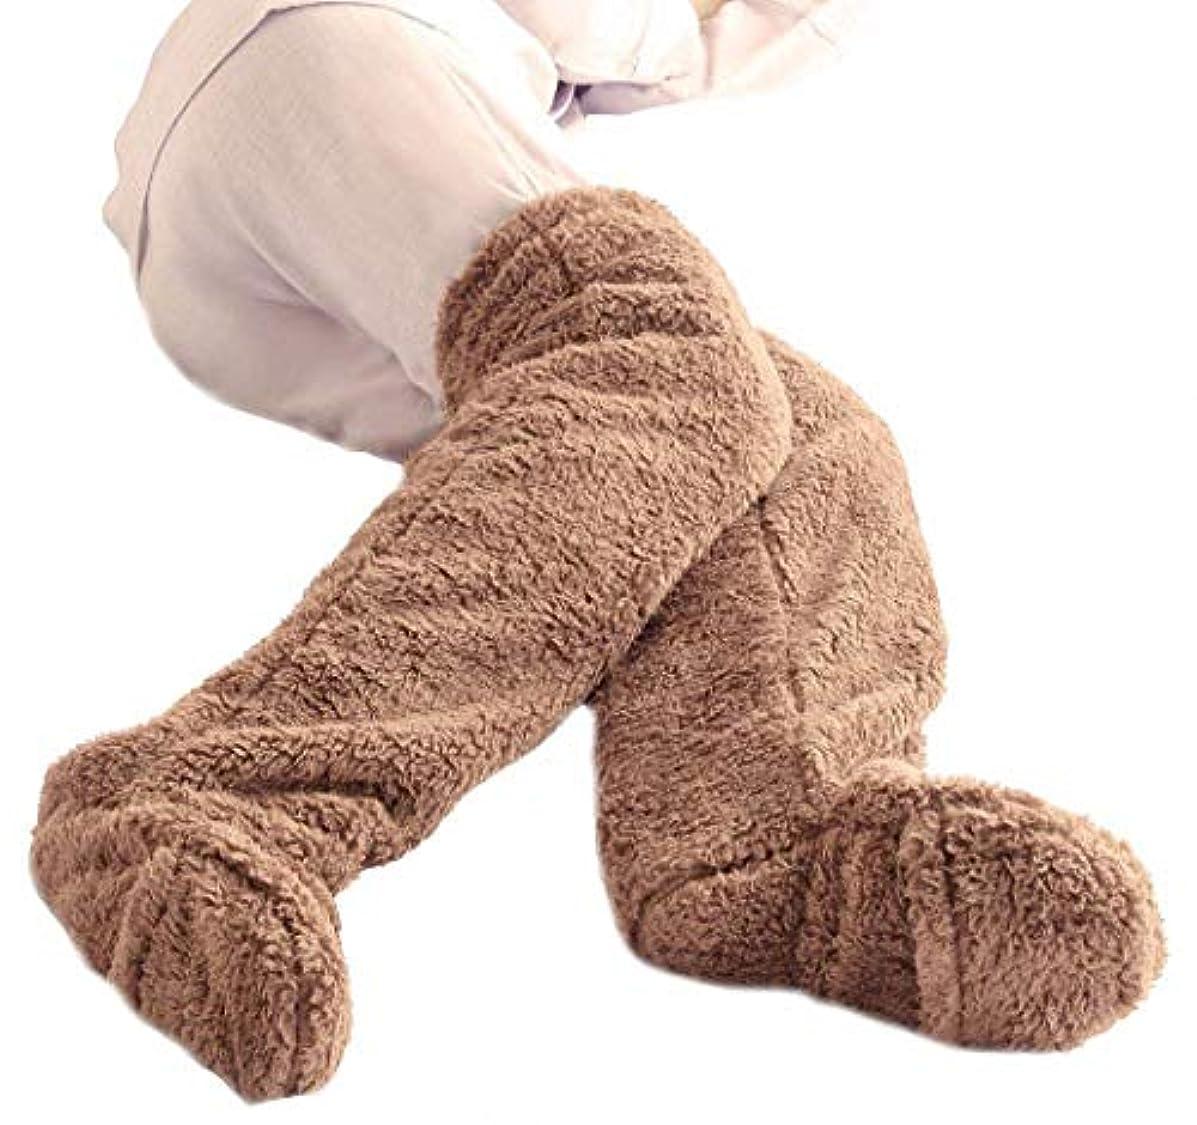 パテ合意いつフリース生地 室内履き 足が出せるロングカバー 軽量ヒートソックス 歩ける ロングカバー 極暖 ルームソックスルームシューズ